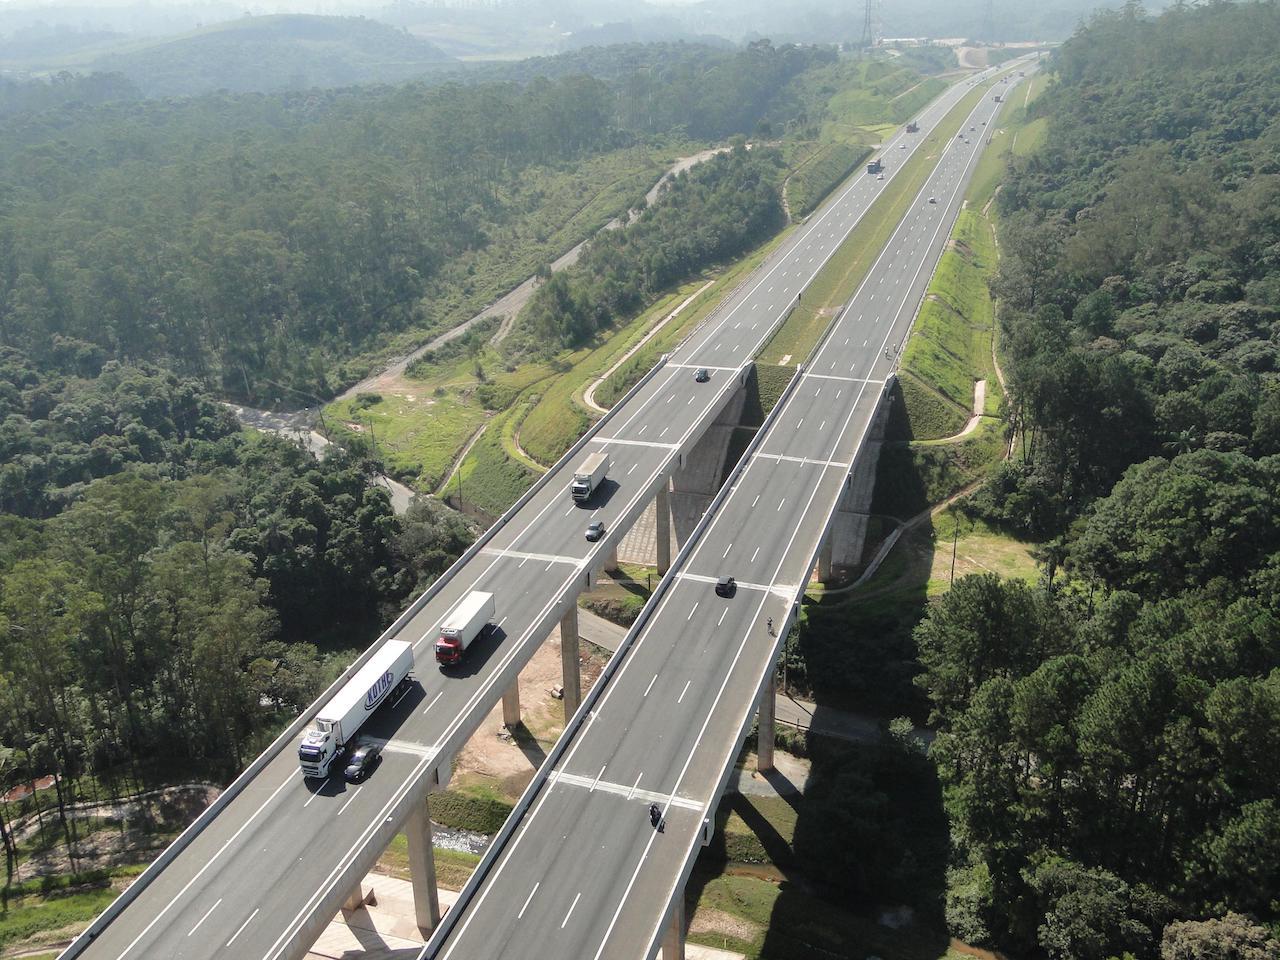 Arbitragem ganha força no setor de infraestrutura do país com novos regramentos